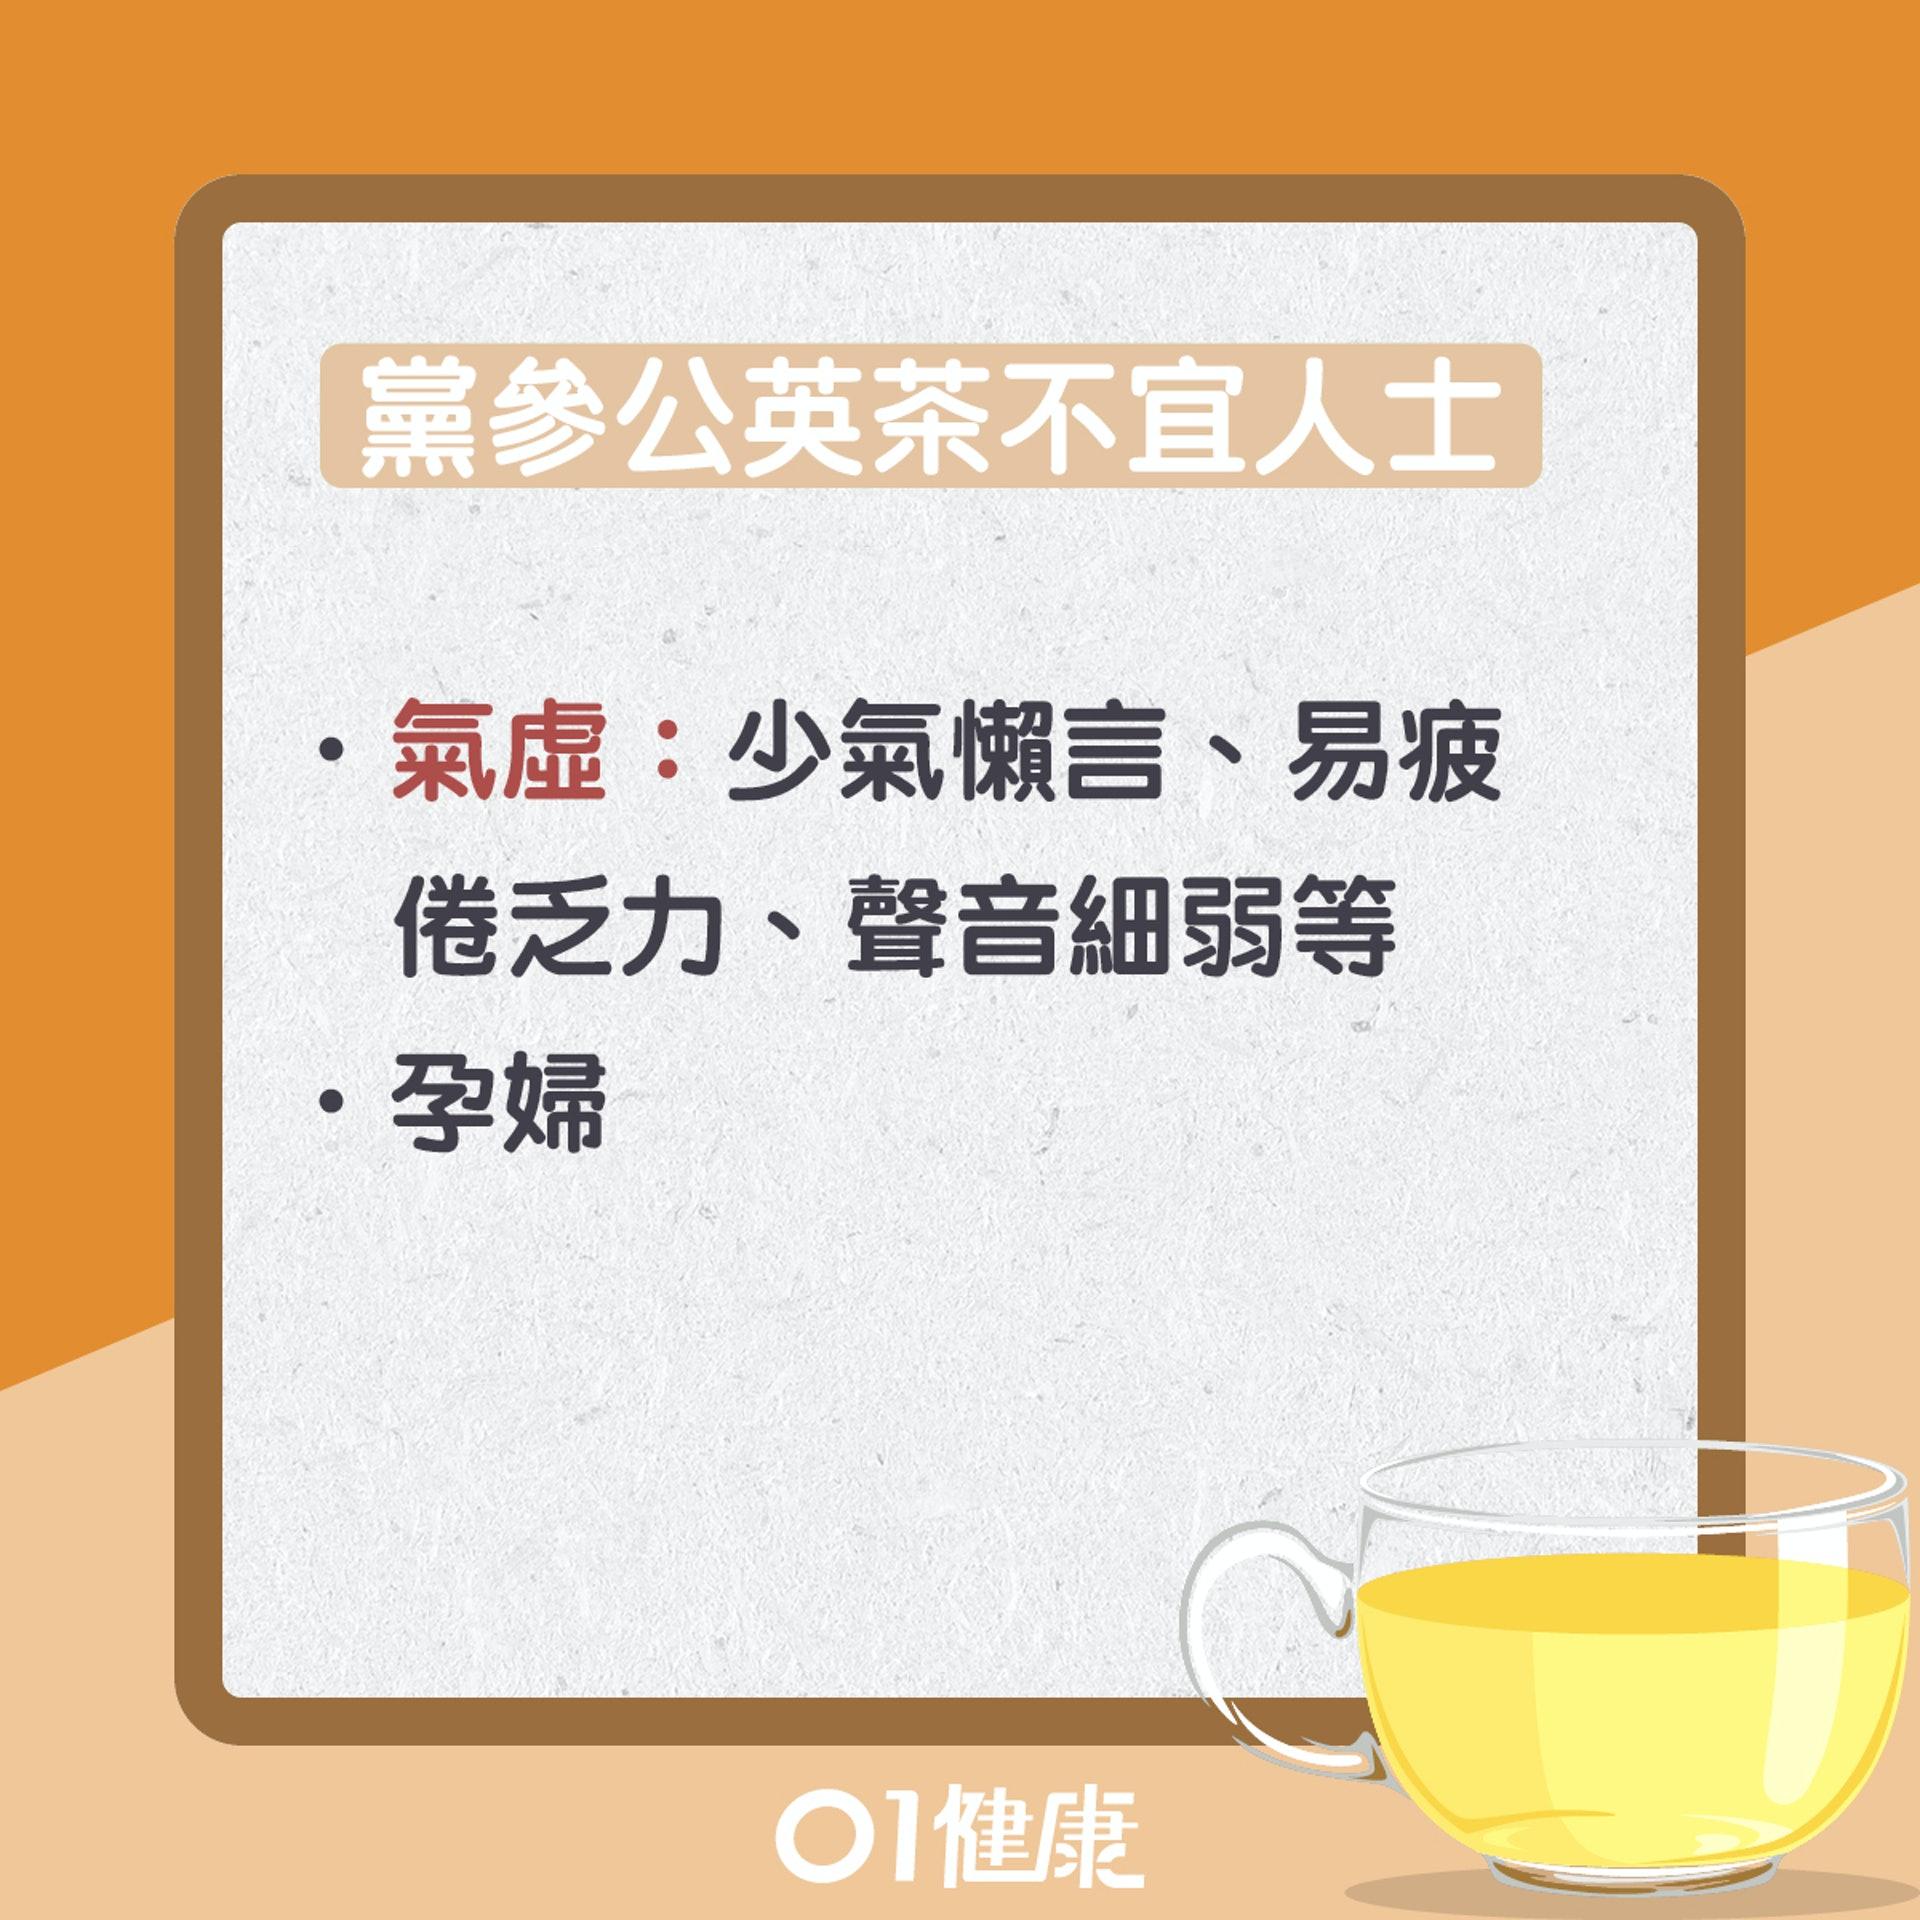 黨參公英茶(01製圖)